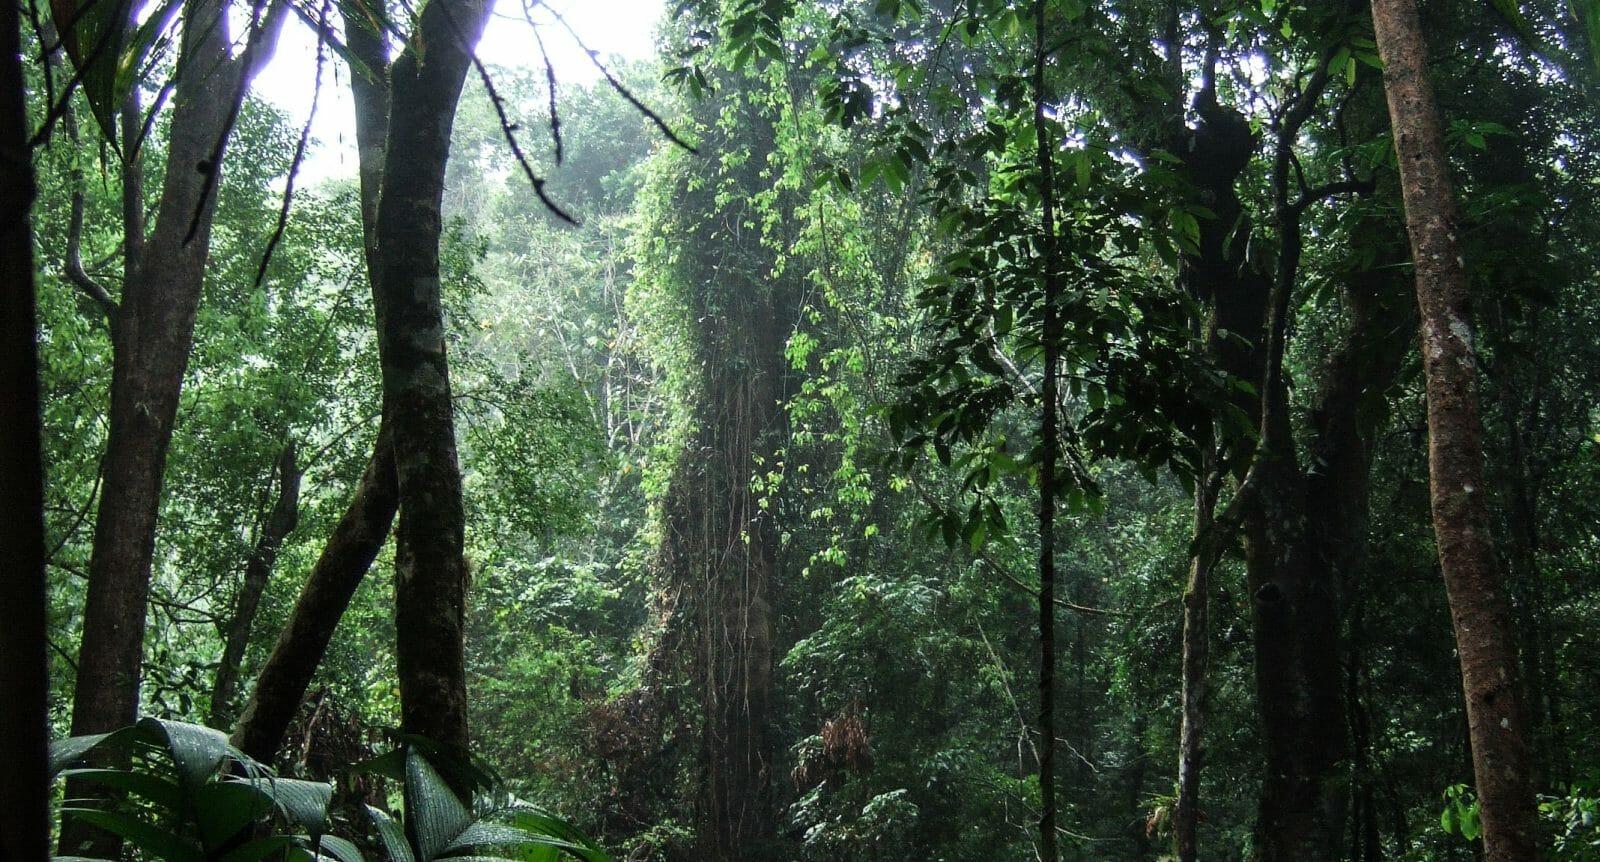 Panama's Darien Gap